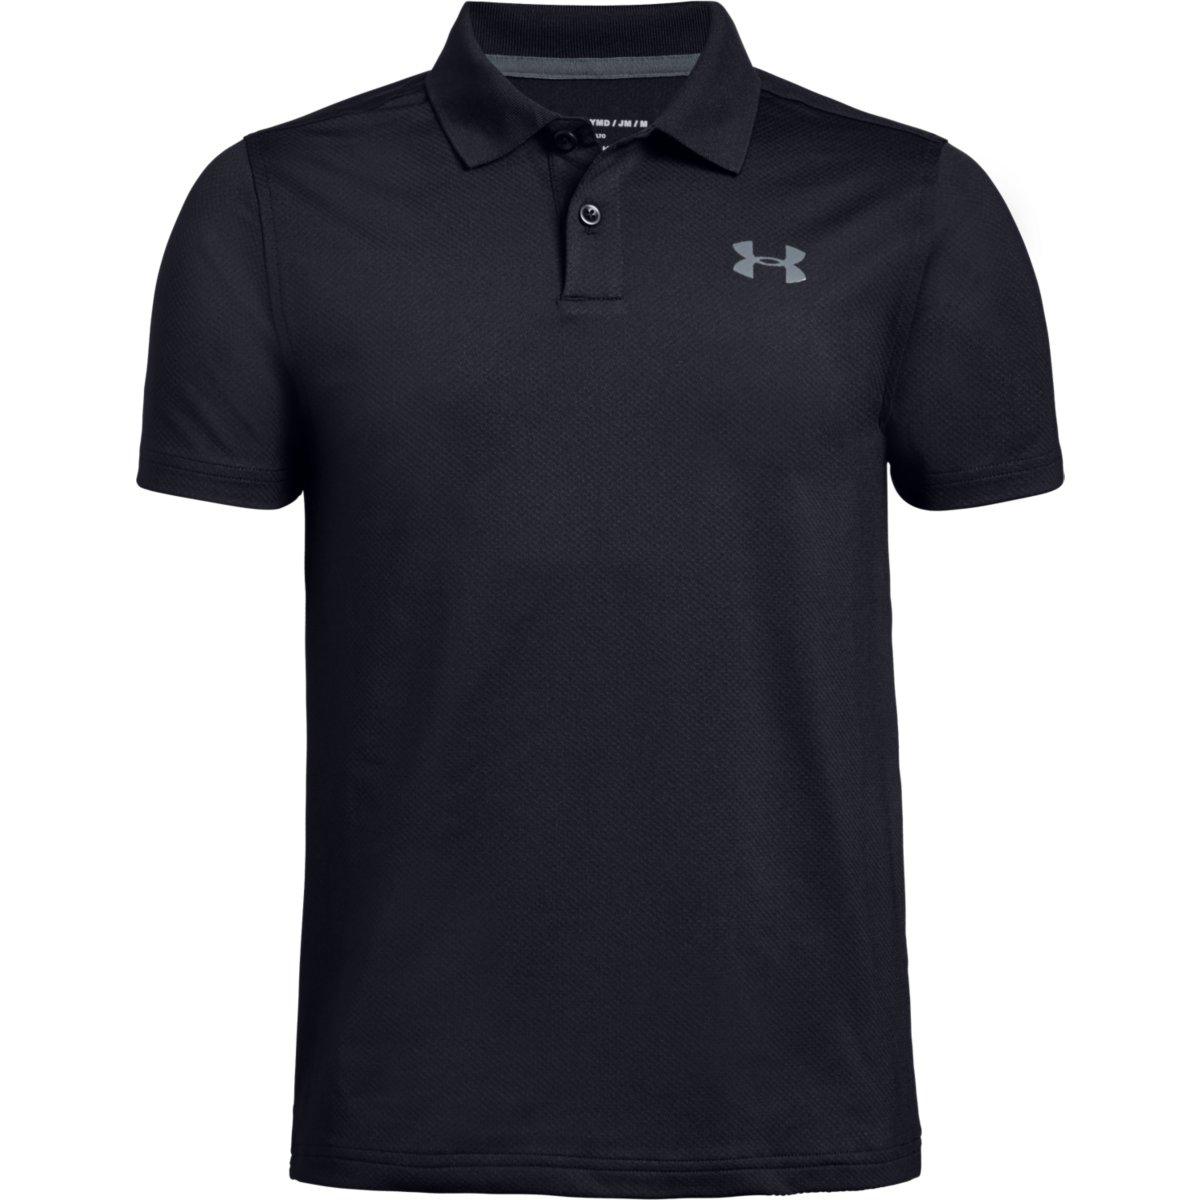 Under Armour Boys' Performance Short-Sleeve Polo Shirt - Black, XL